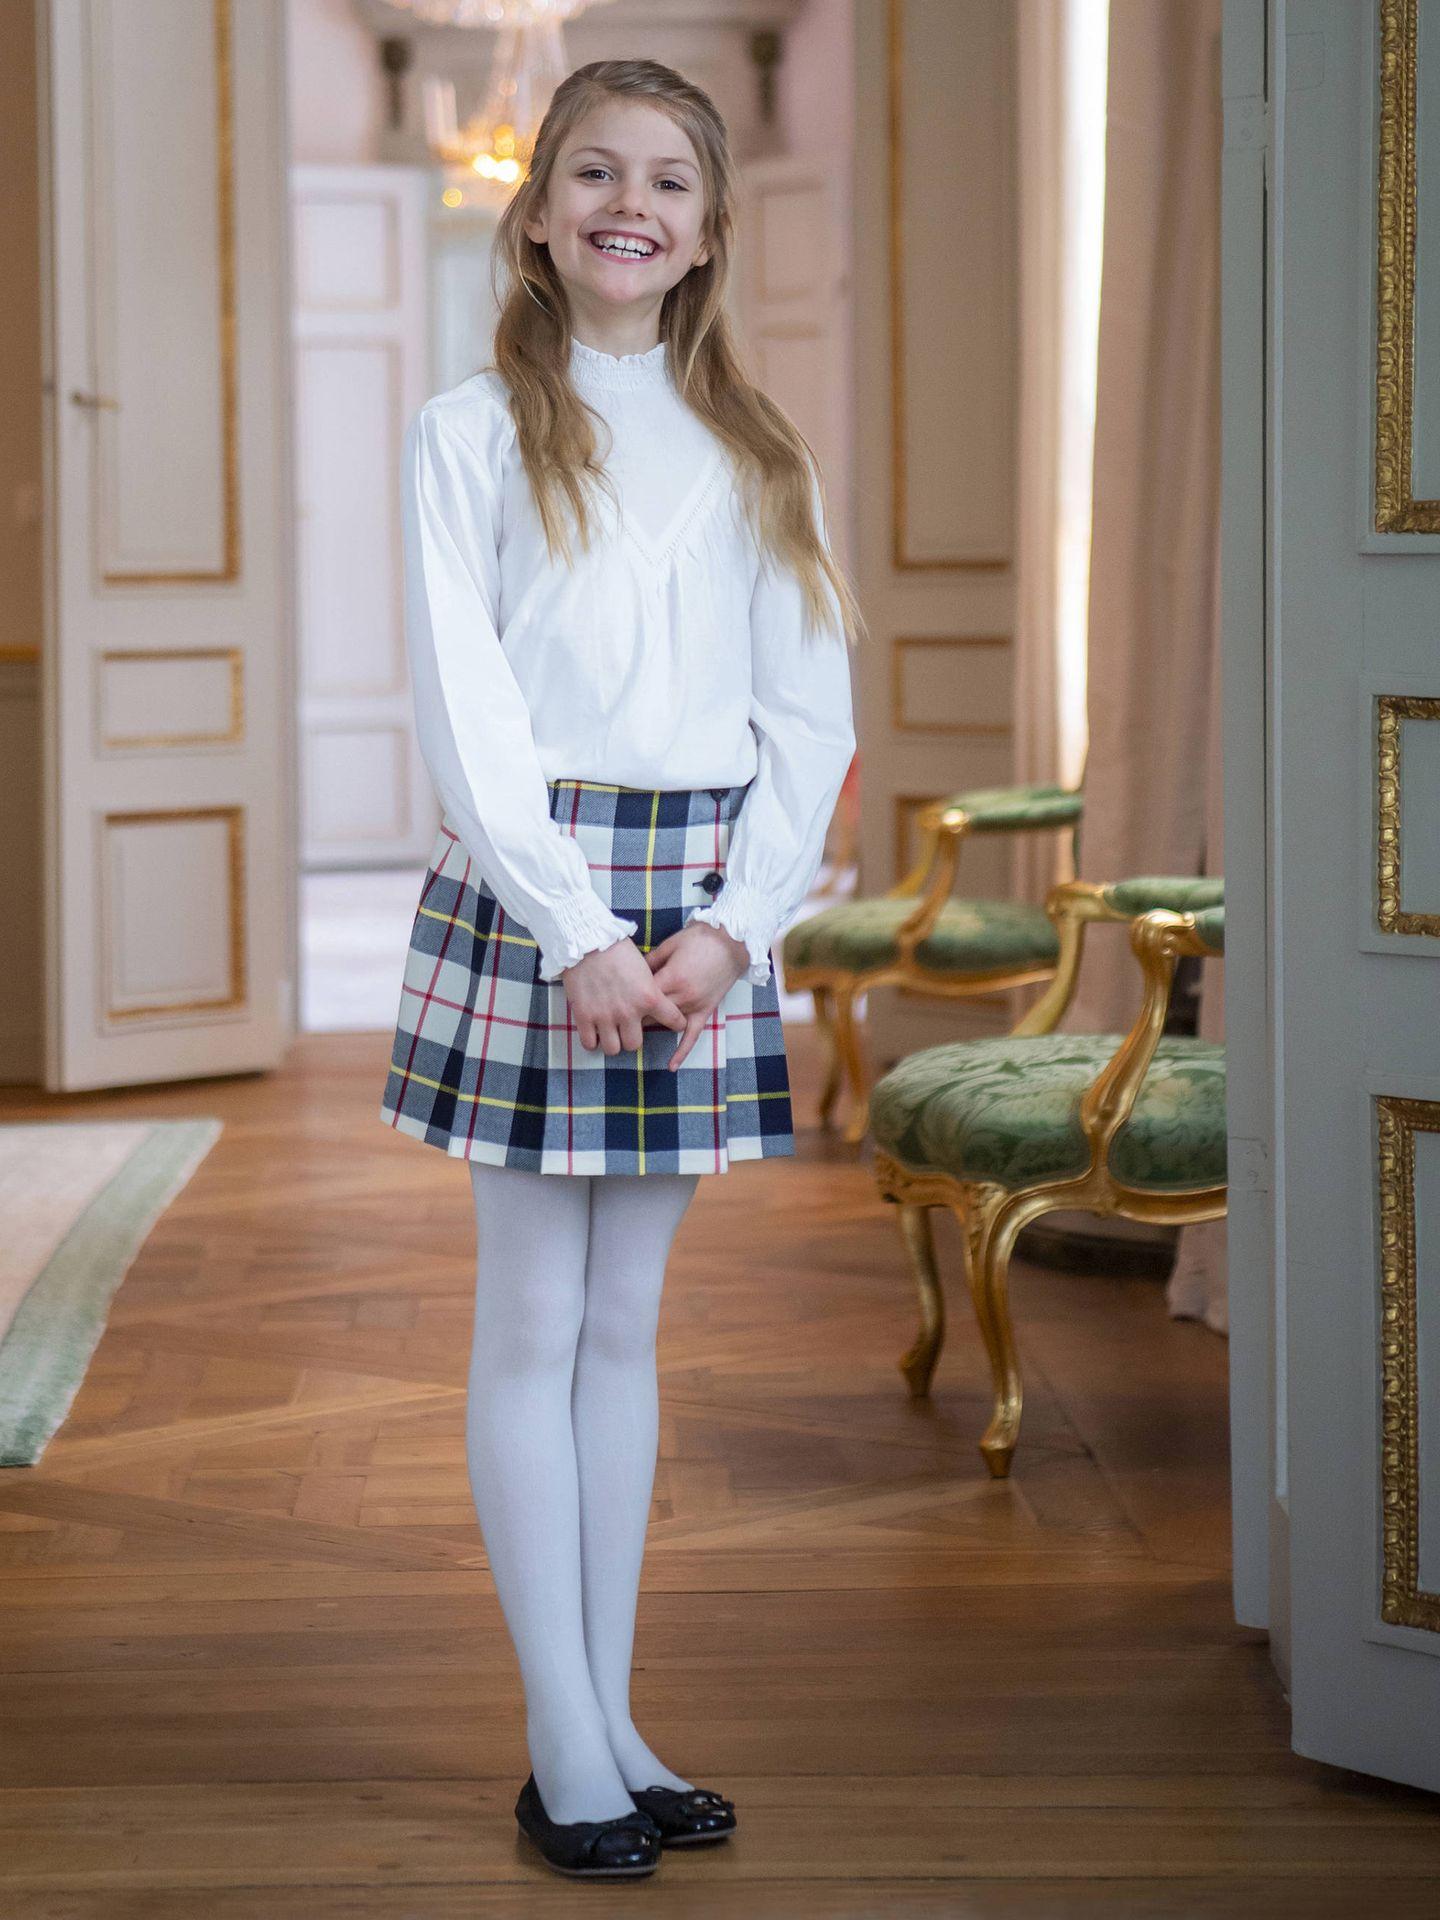 La princesa Estelle. (Kungahuset)